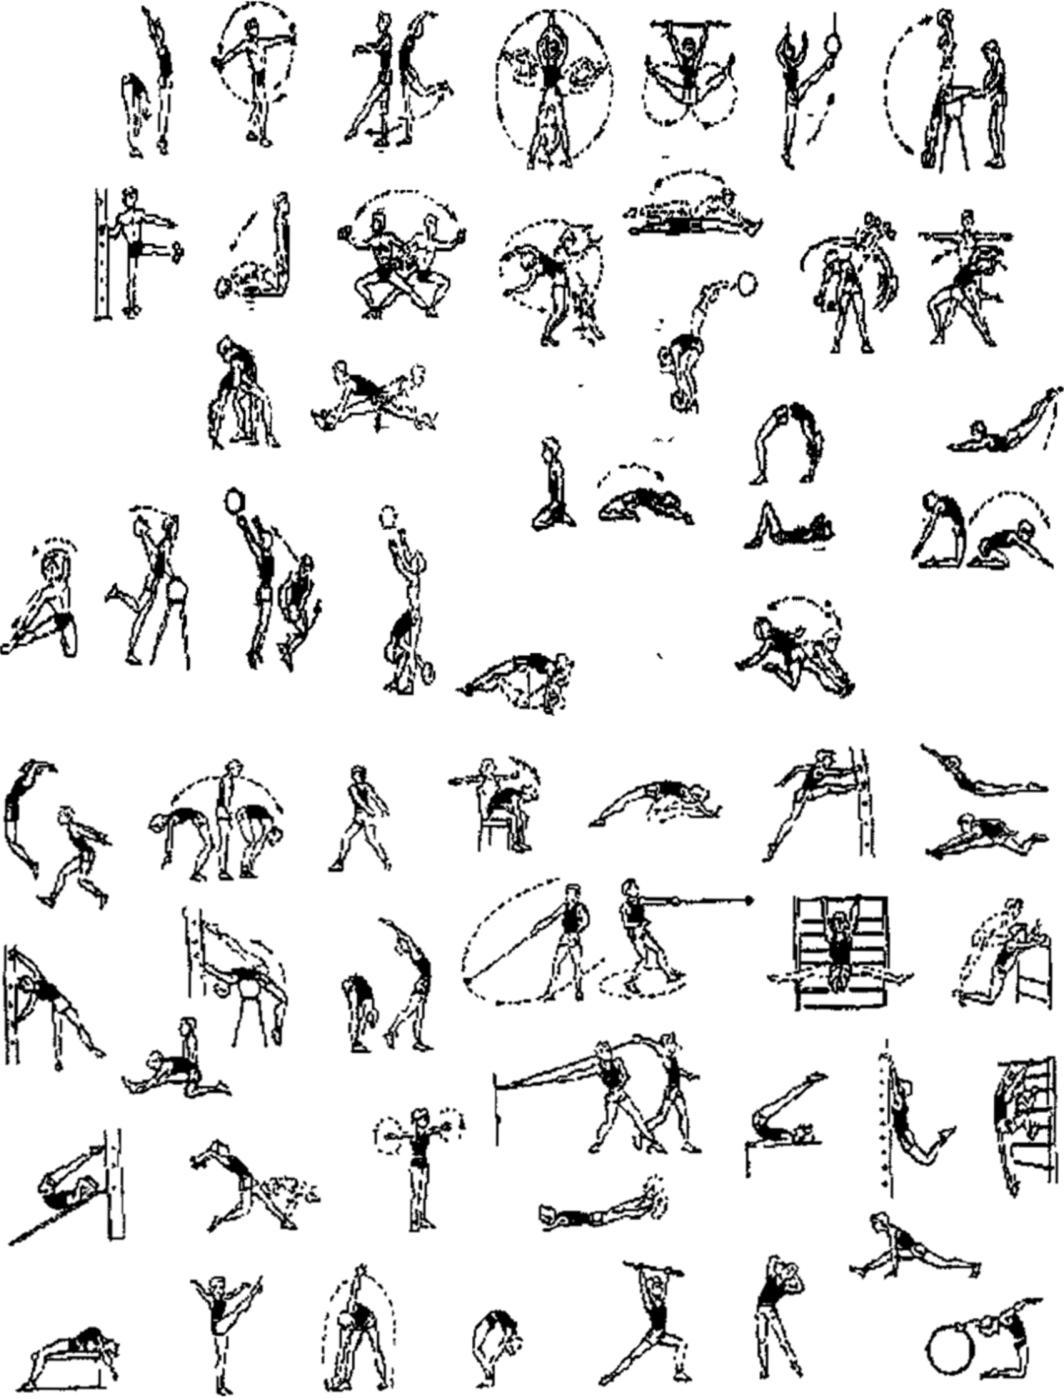 Упражнение в картинках для разминки